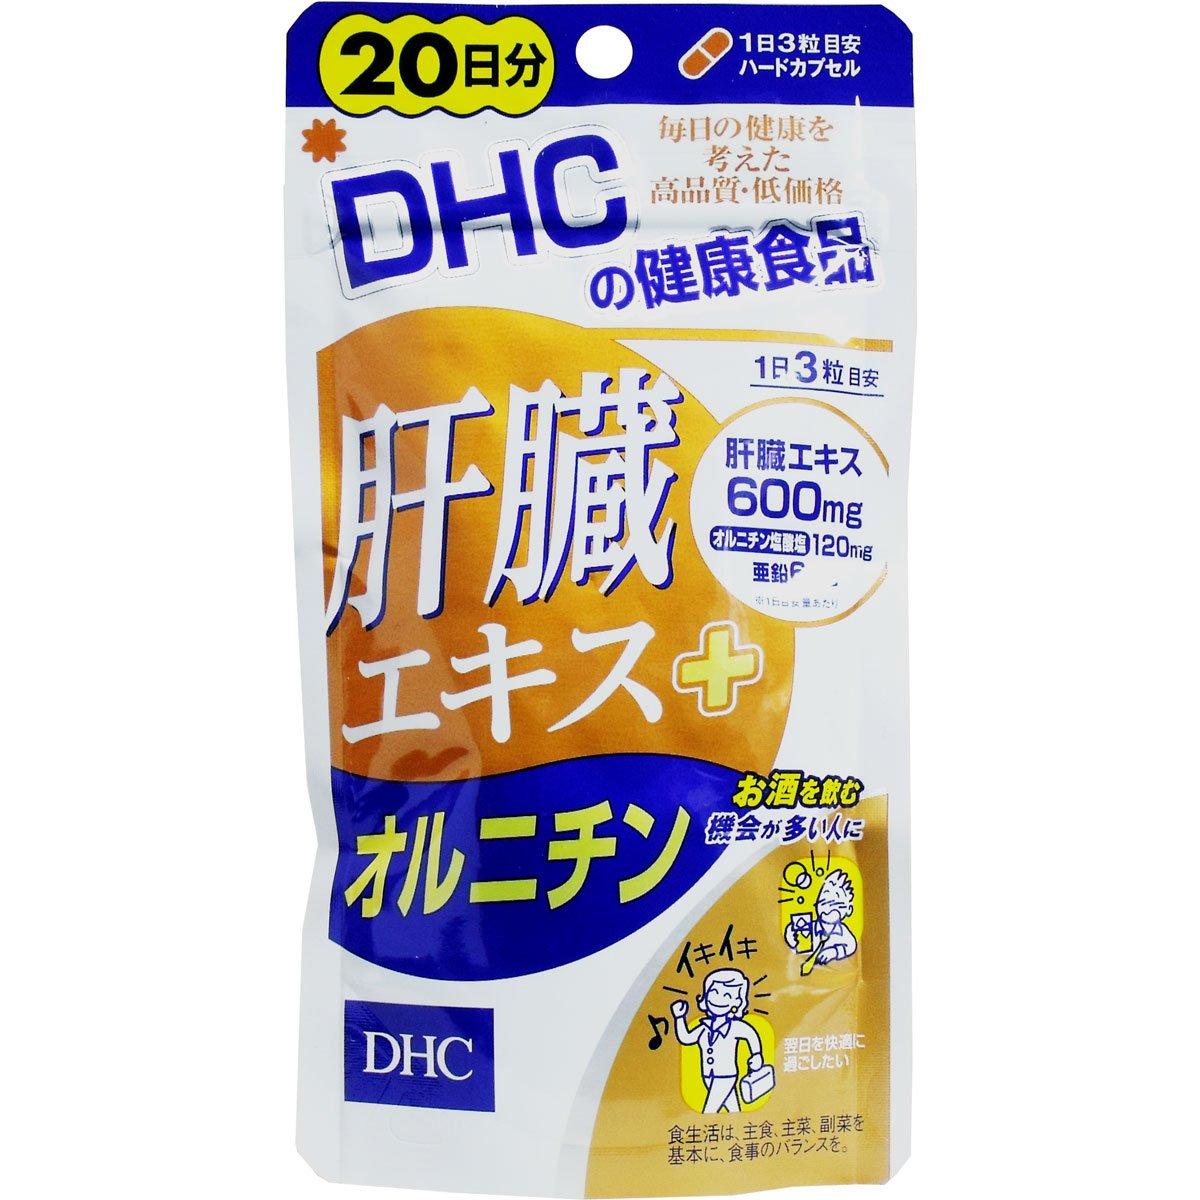 【DHC】肝臓エキス+オルニチン 20日 60粒 ×10個セット B00V2HIXG8